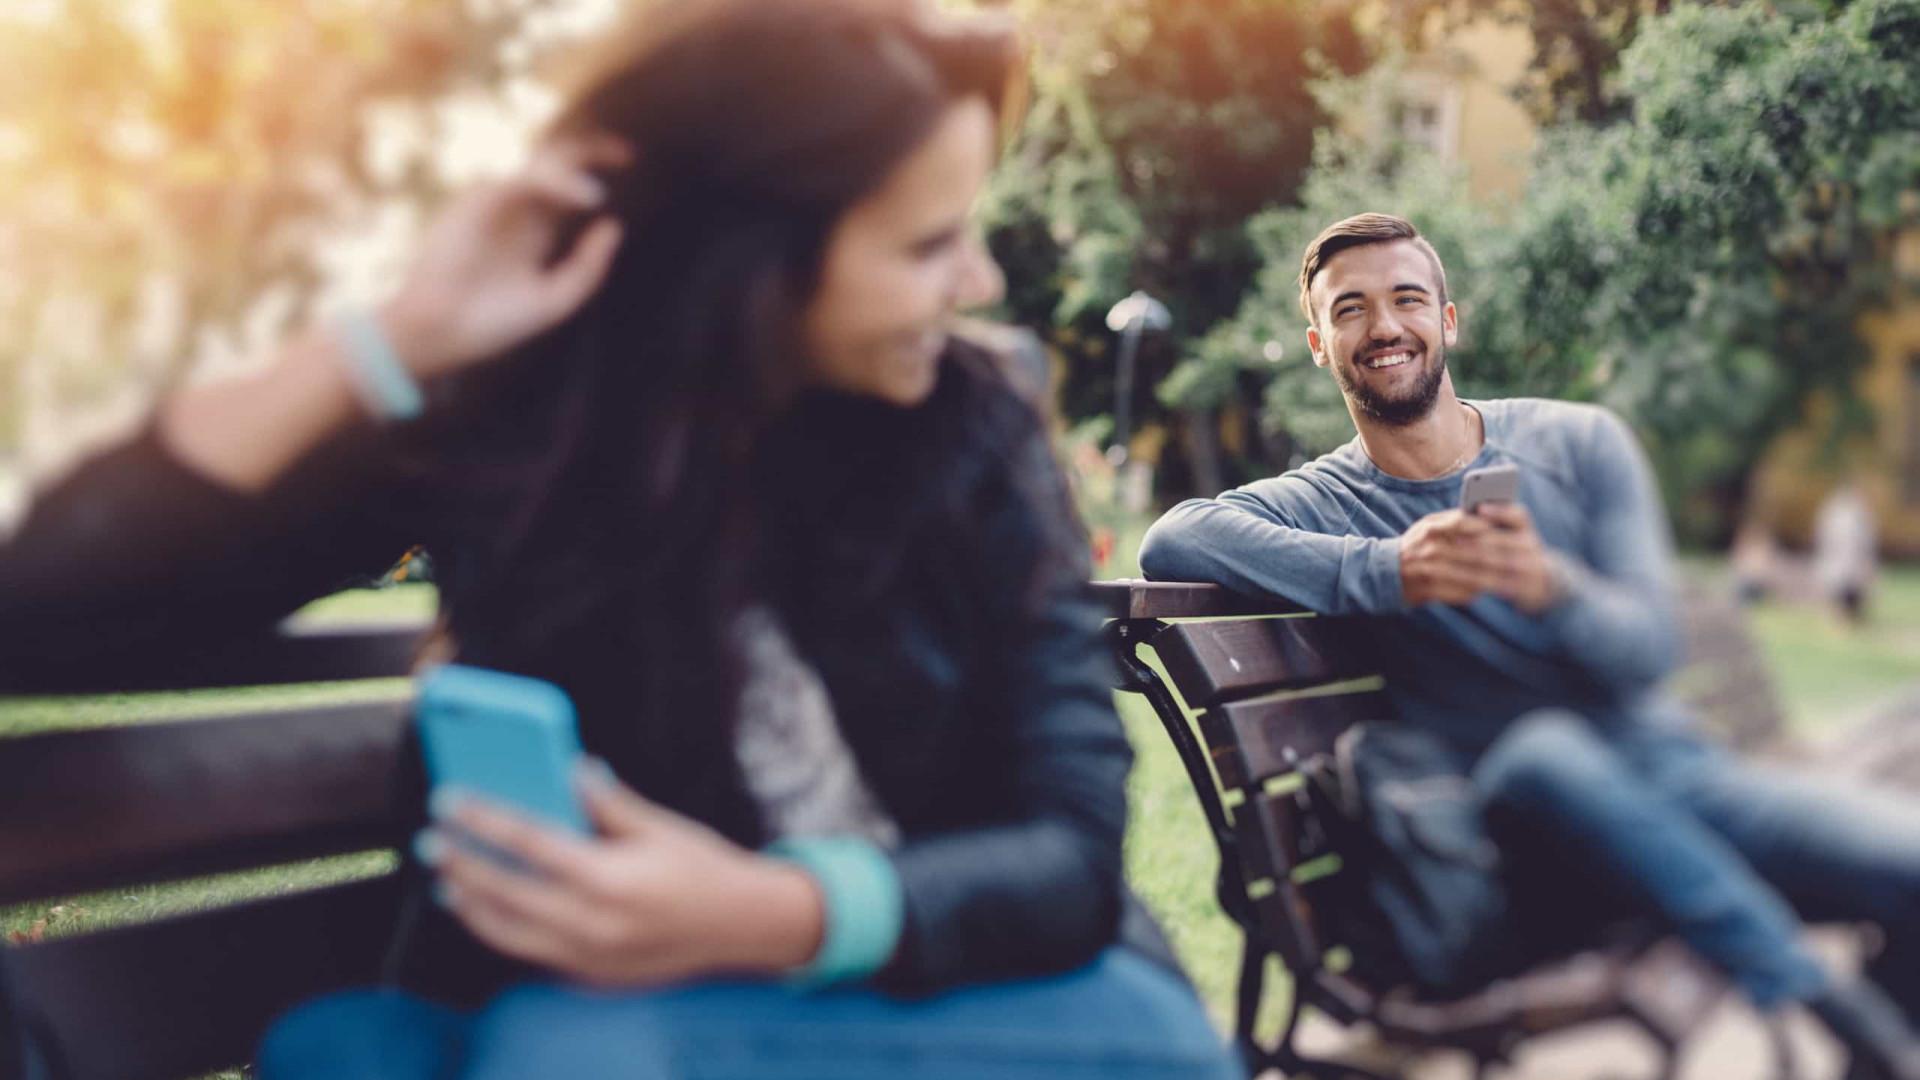 Estudo confirma: Homens com traços de psicopatia são mais atraentes